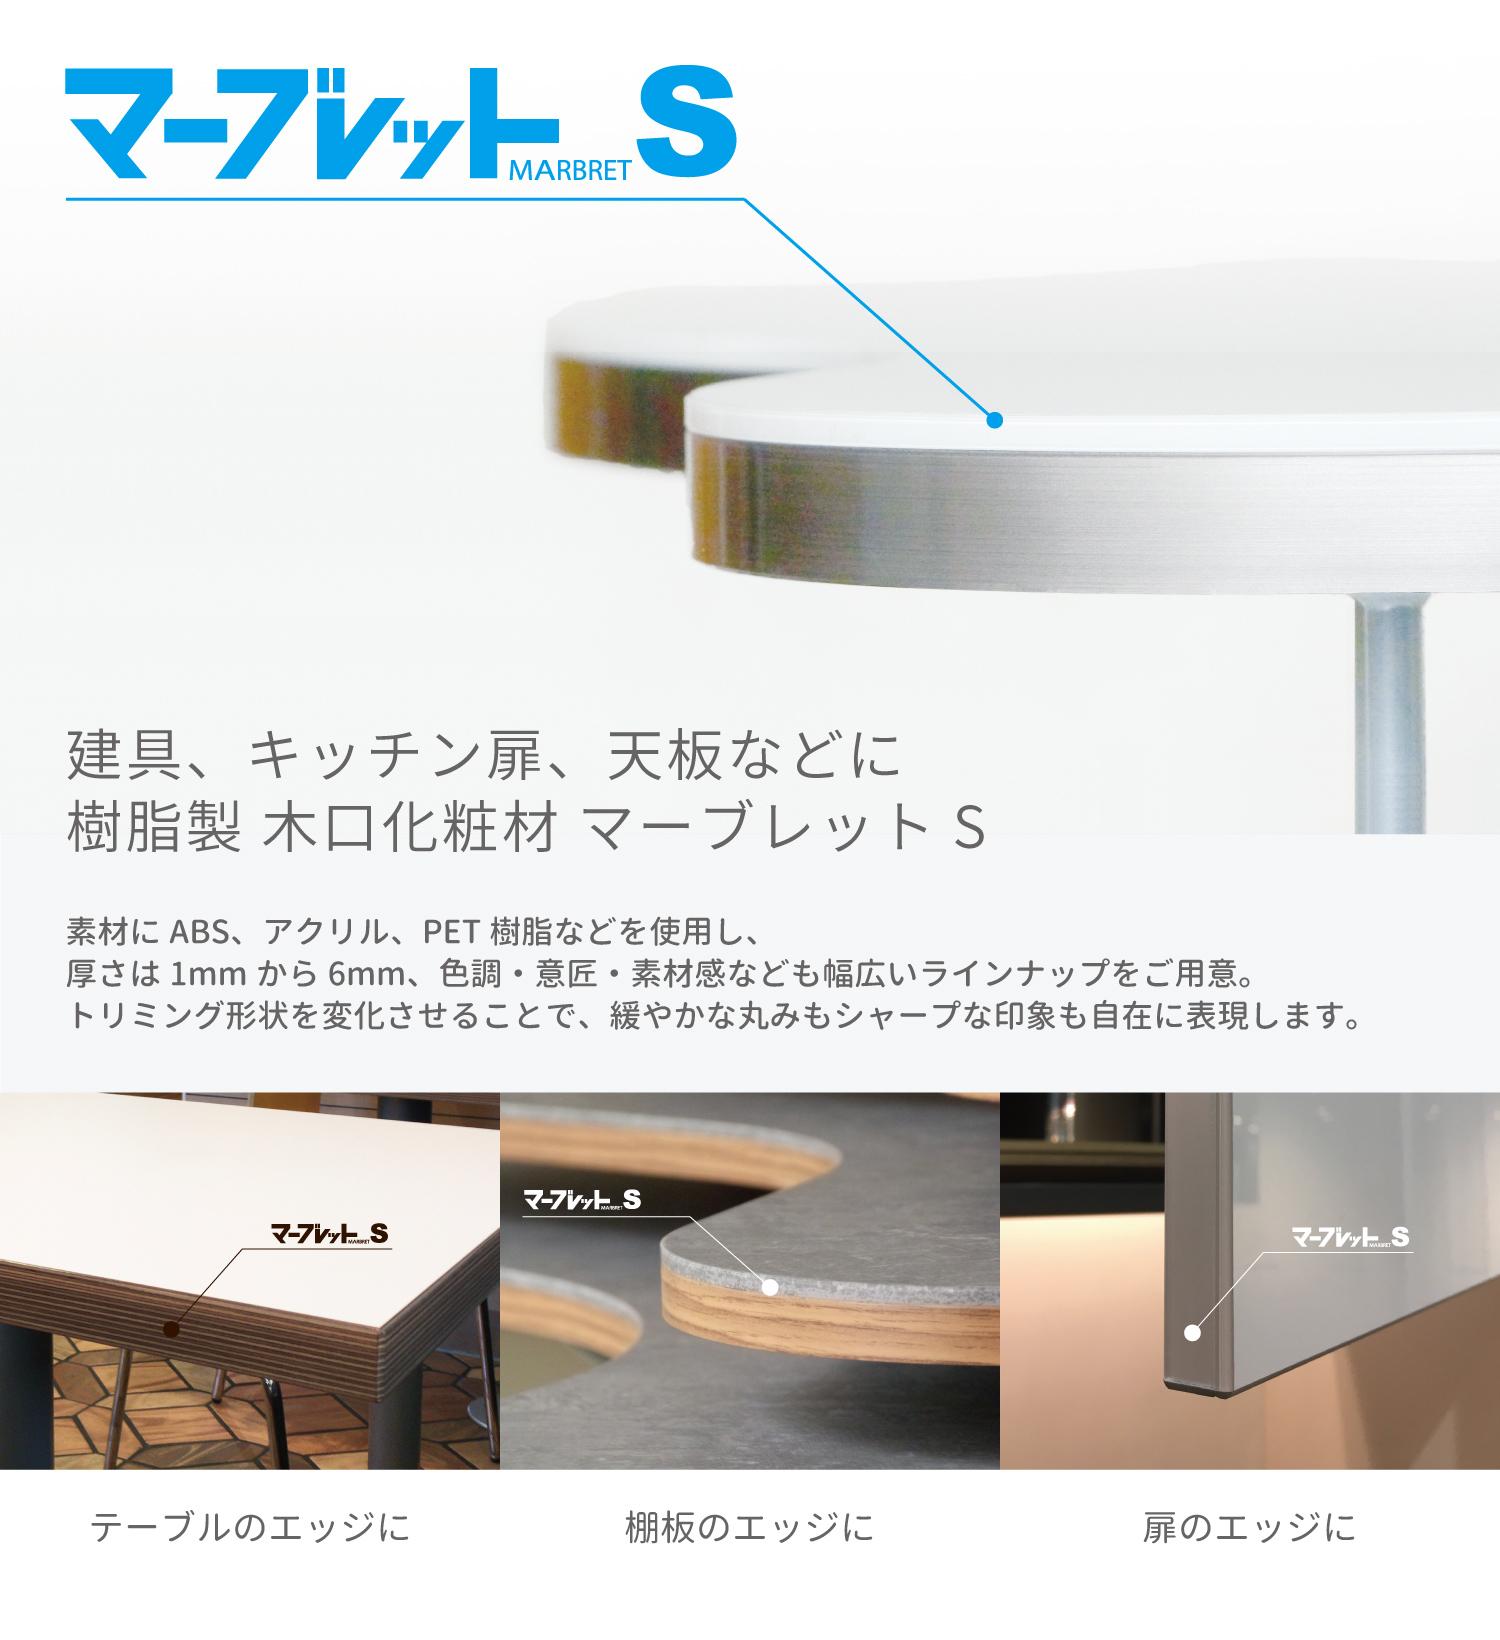 マーブレットSは建具からキッチン扉、天板に使われる樹脂木口材 厚みが2mmあるので角に2Rがとれて意匠性が高まります